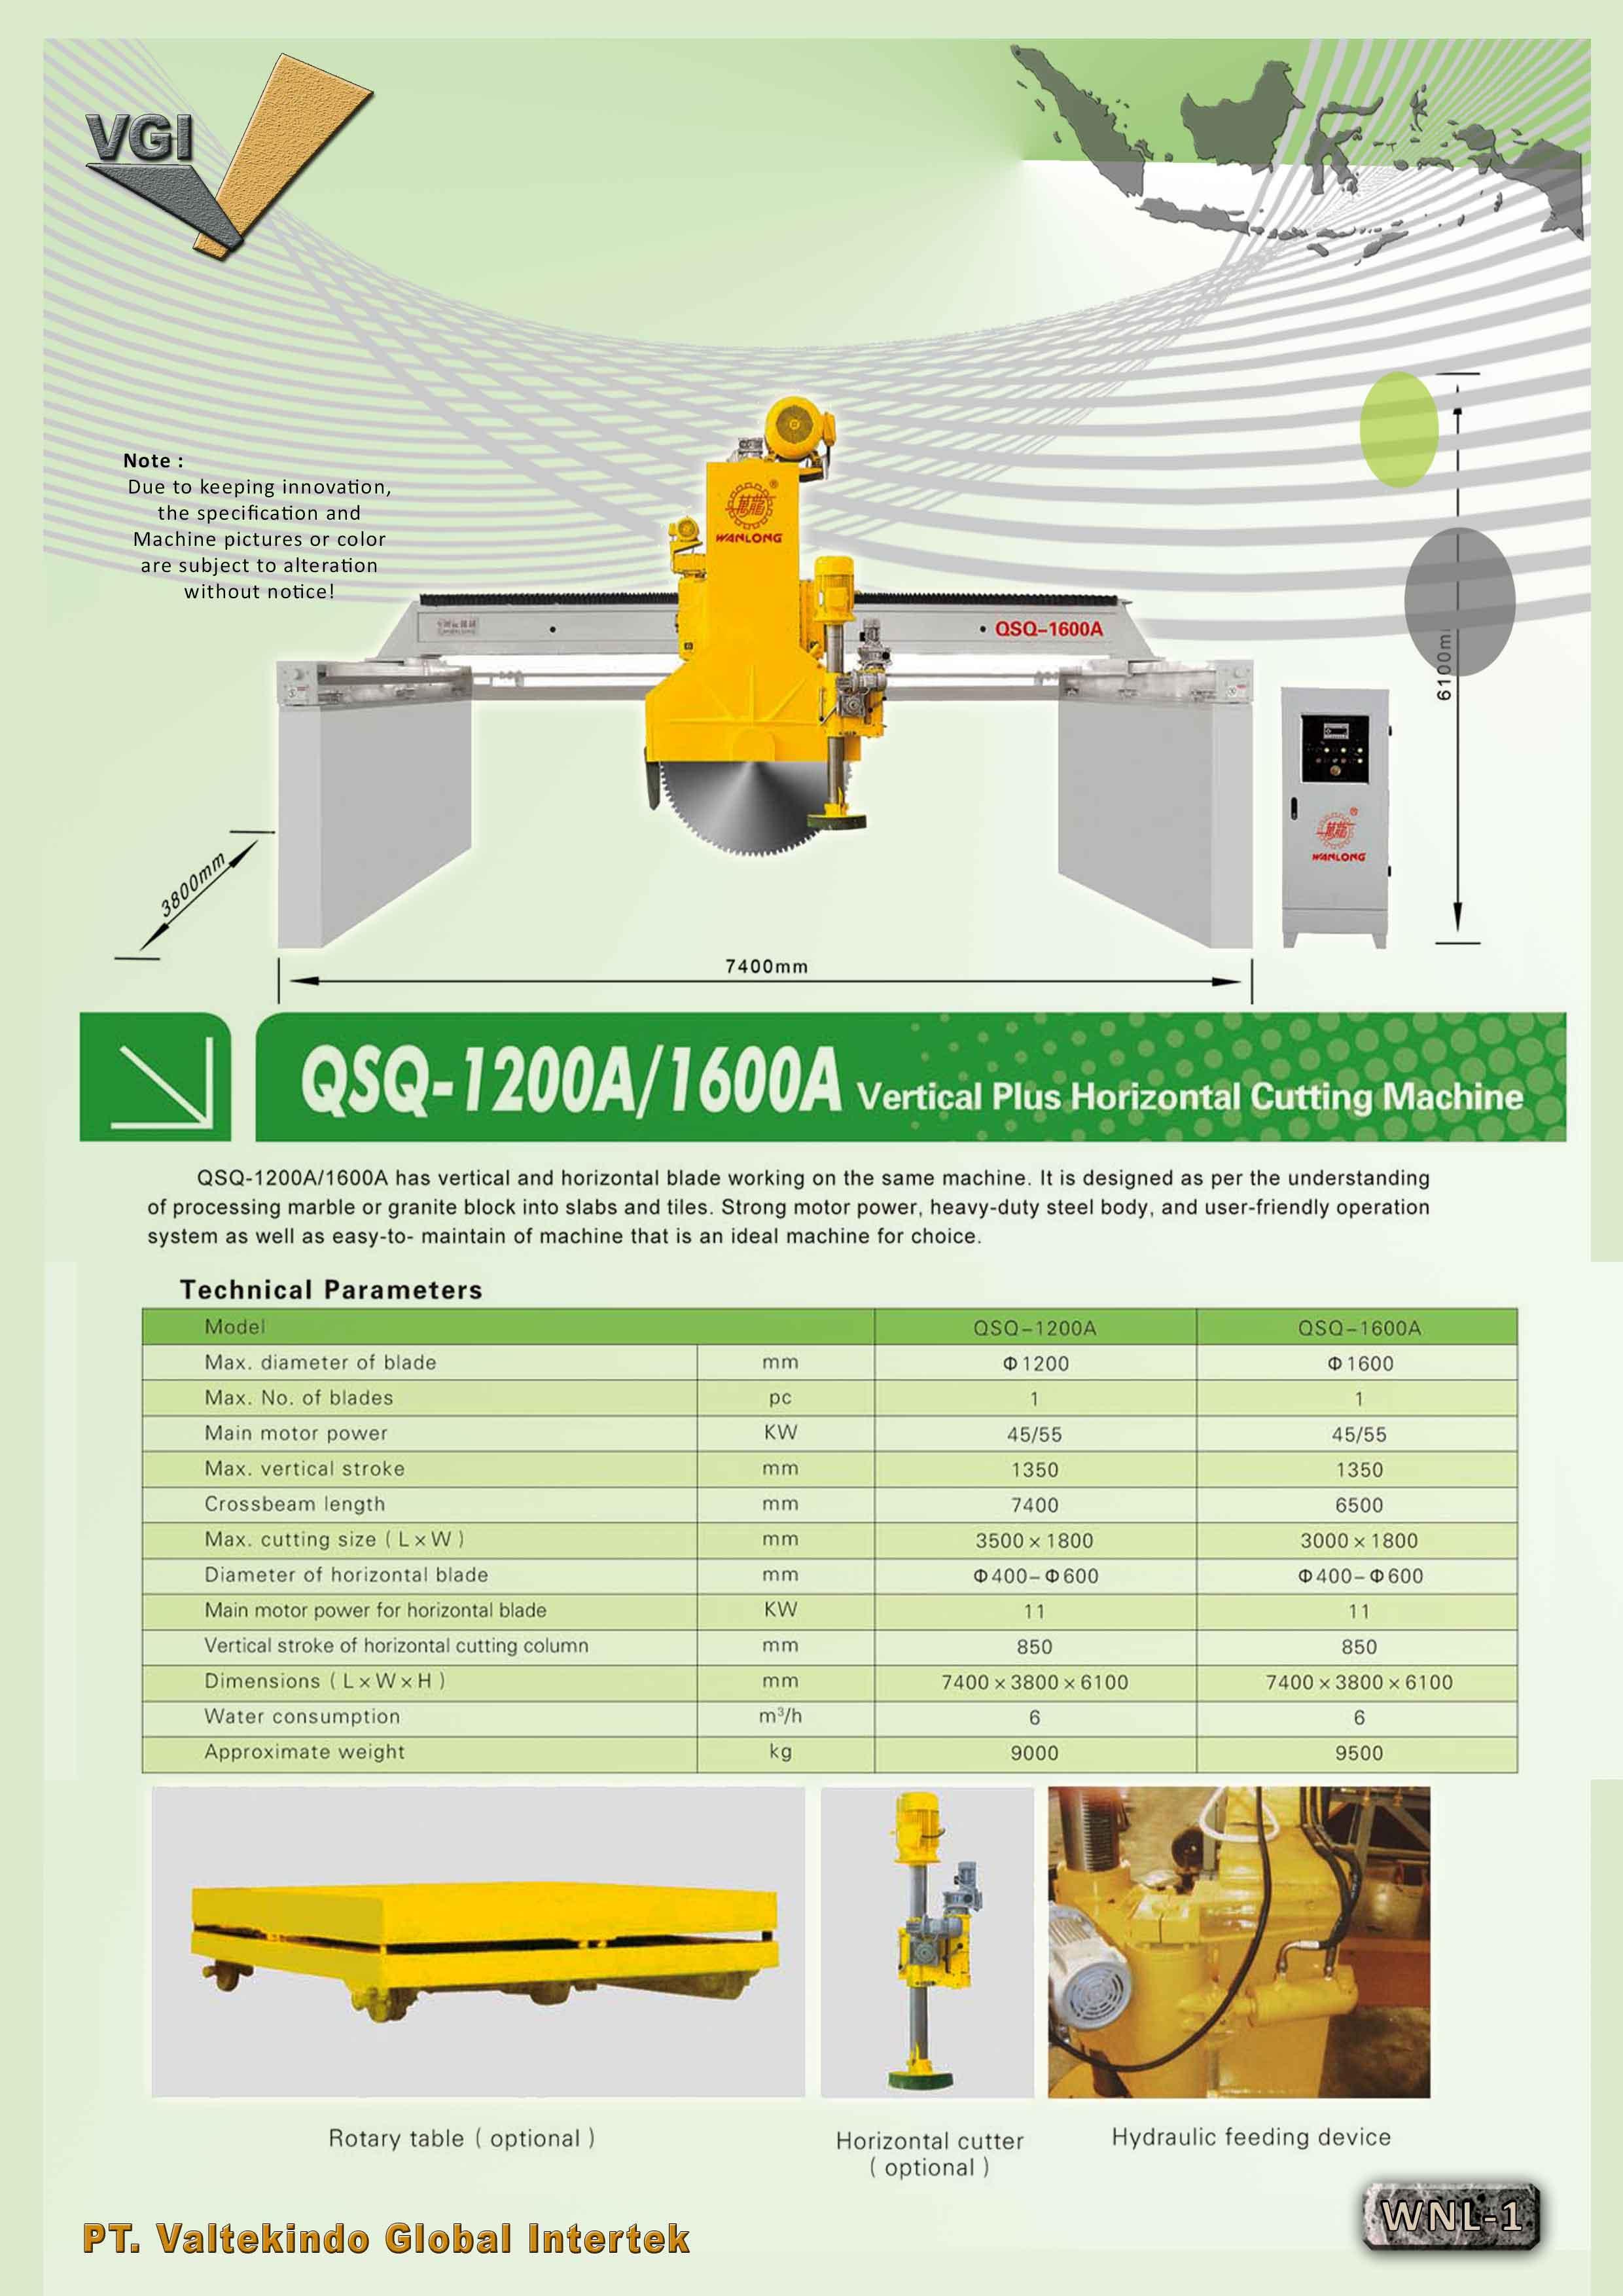 jual mesin Vertical Plus Horizontal Cutting Machine Vertical Plus Horizontal Cutting Machine